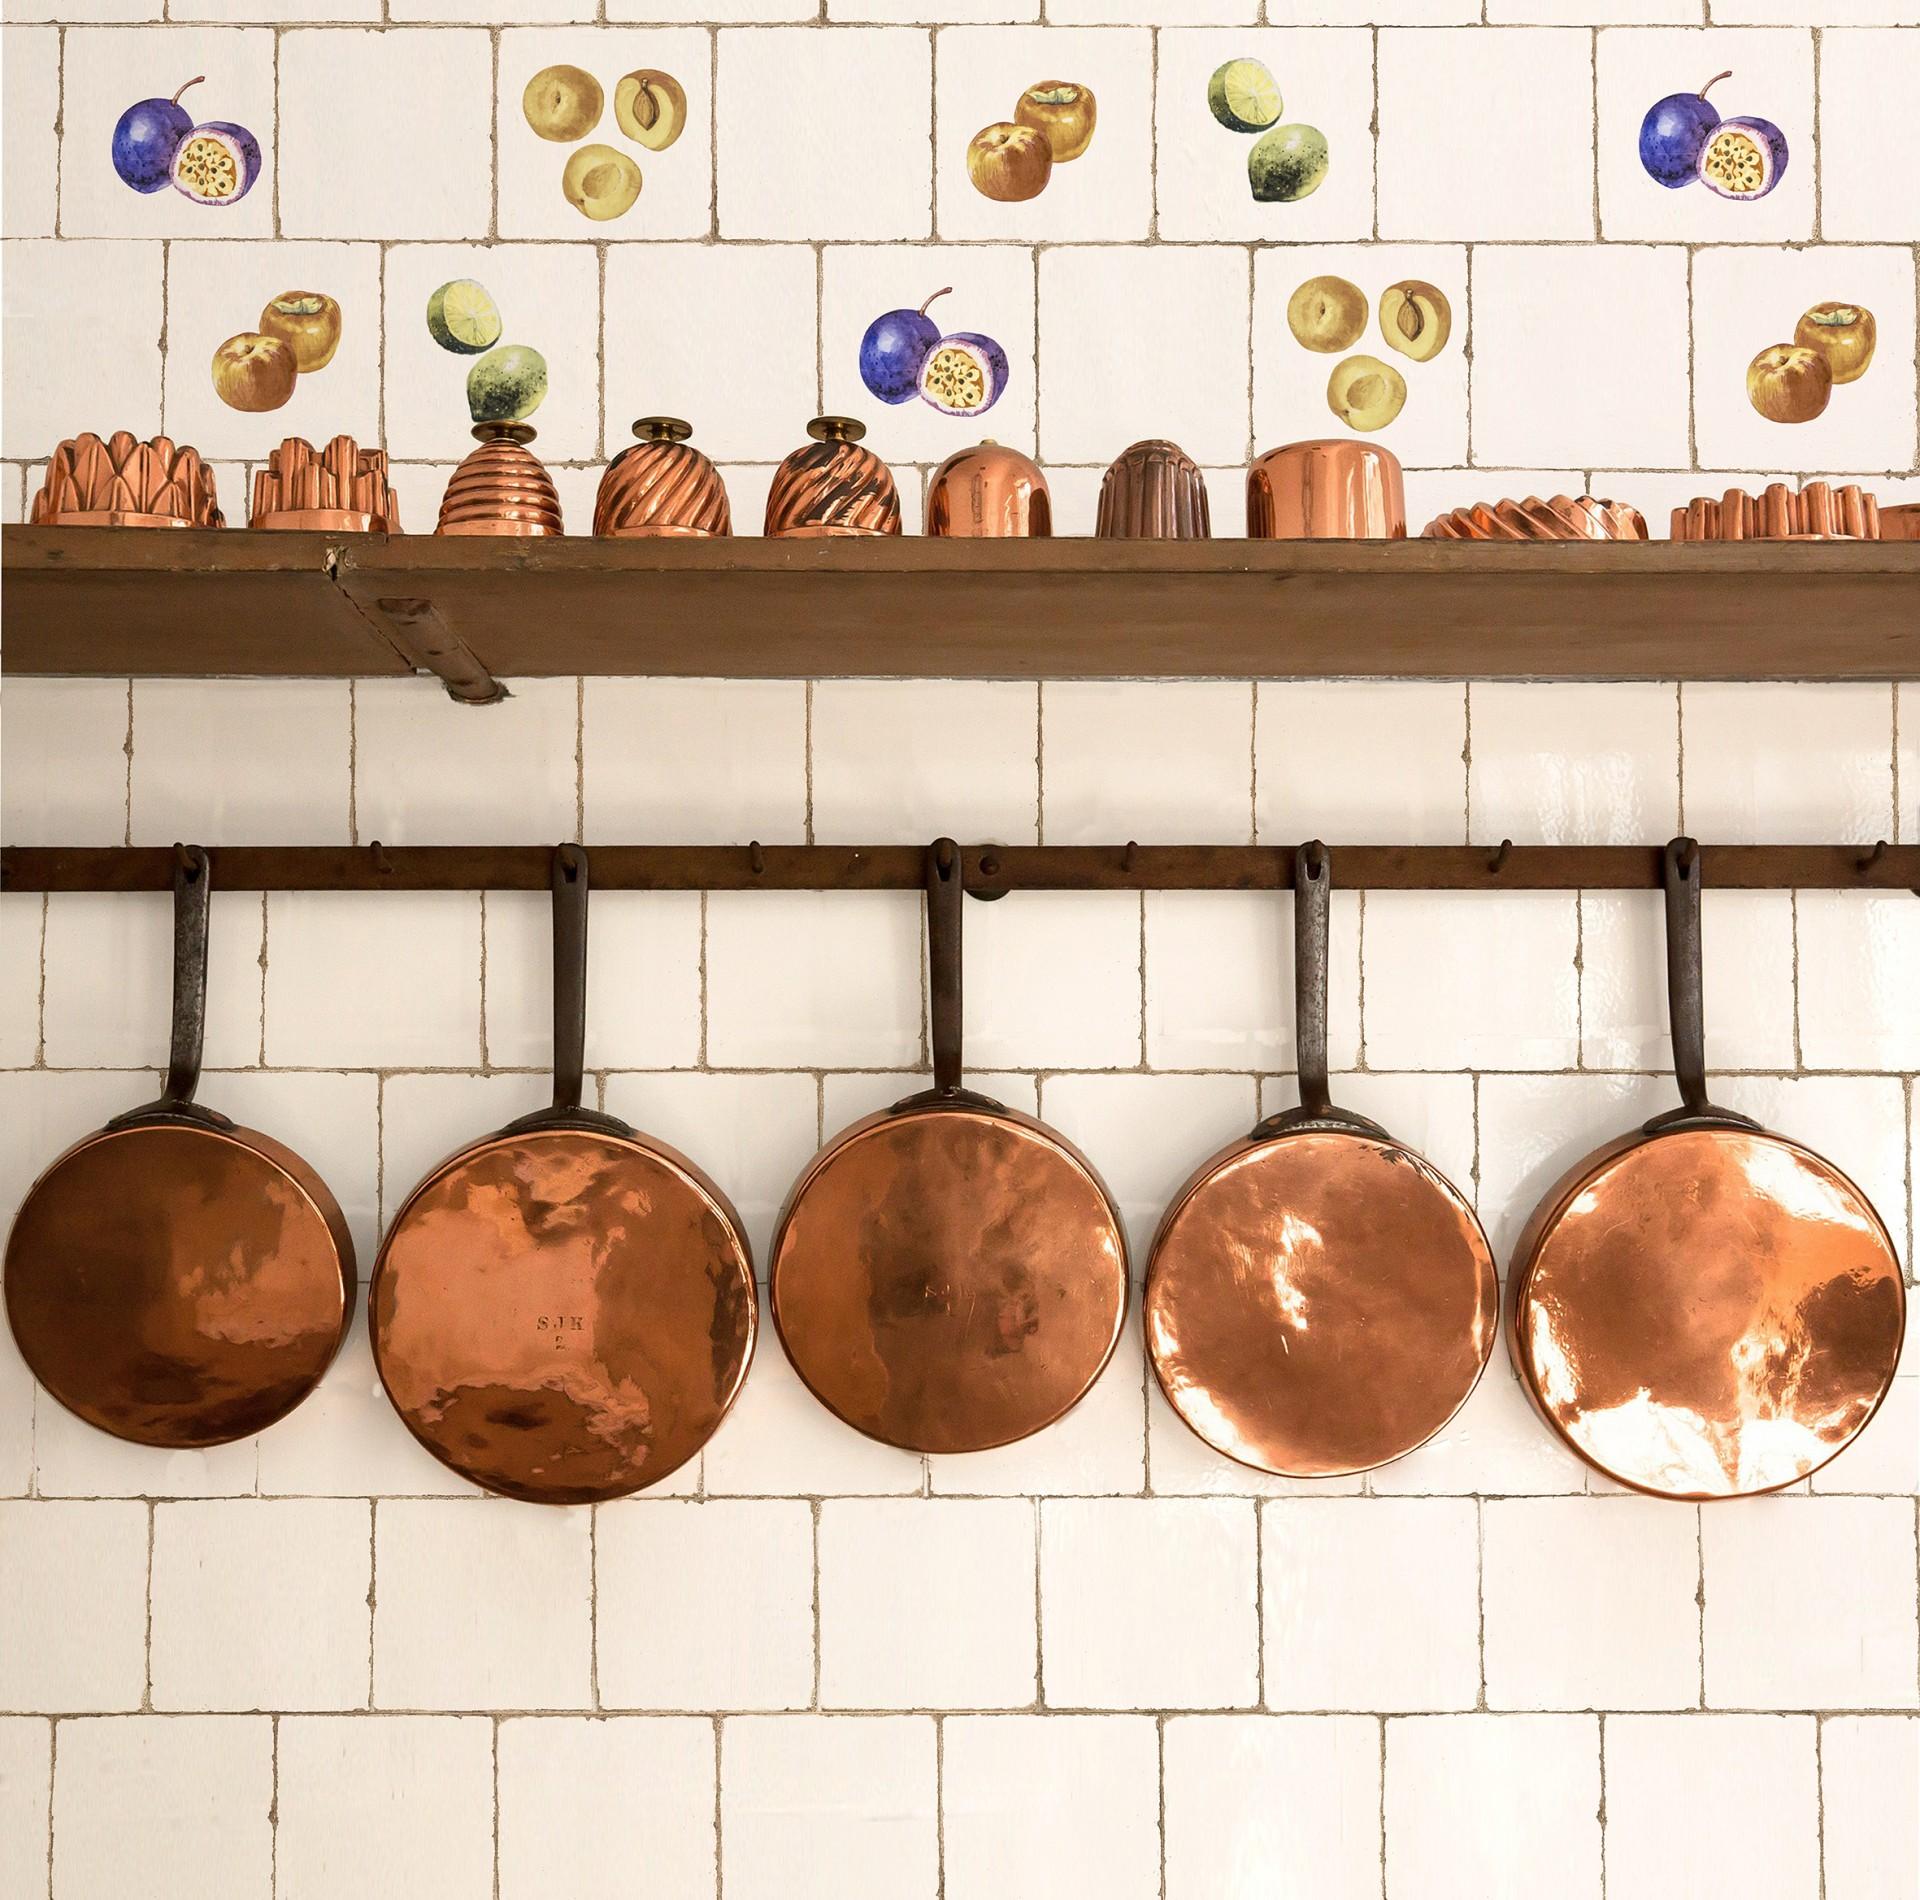 fabresa-forli-obklady-dekory-ptacci-ruzne-retro-do-kuchyne-03